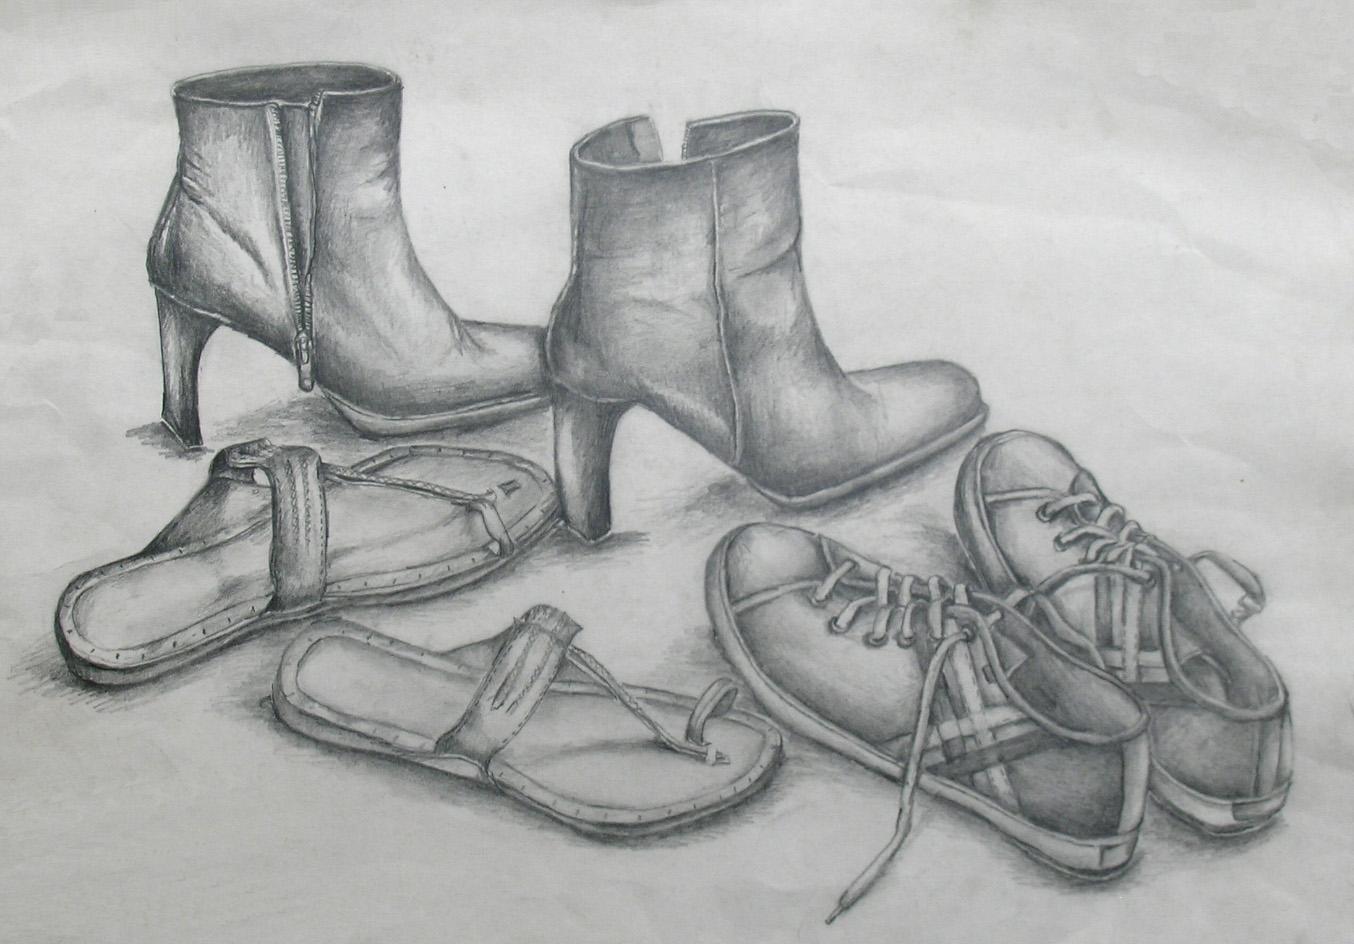 Still Life Drawings  - Original Ut3bugpcxo Zjpnzgsv Nuq